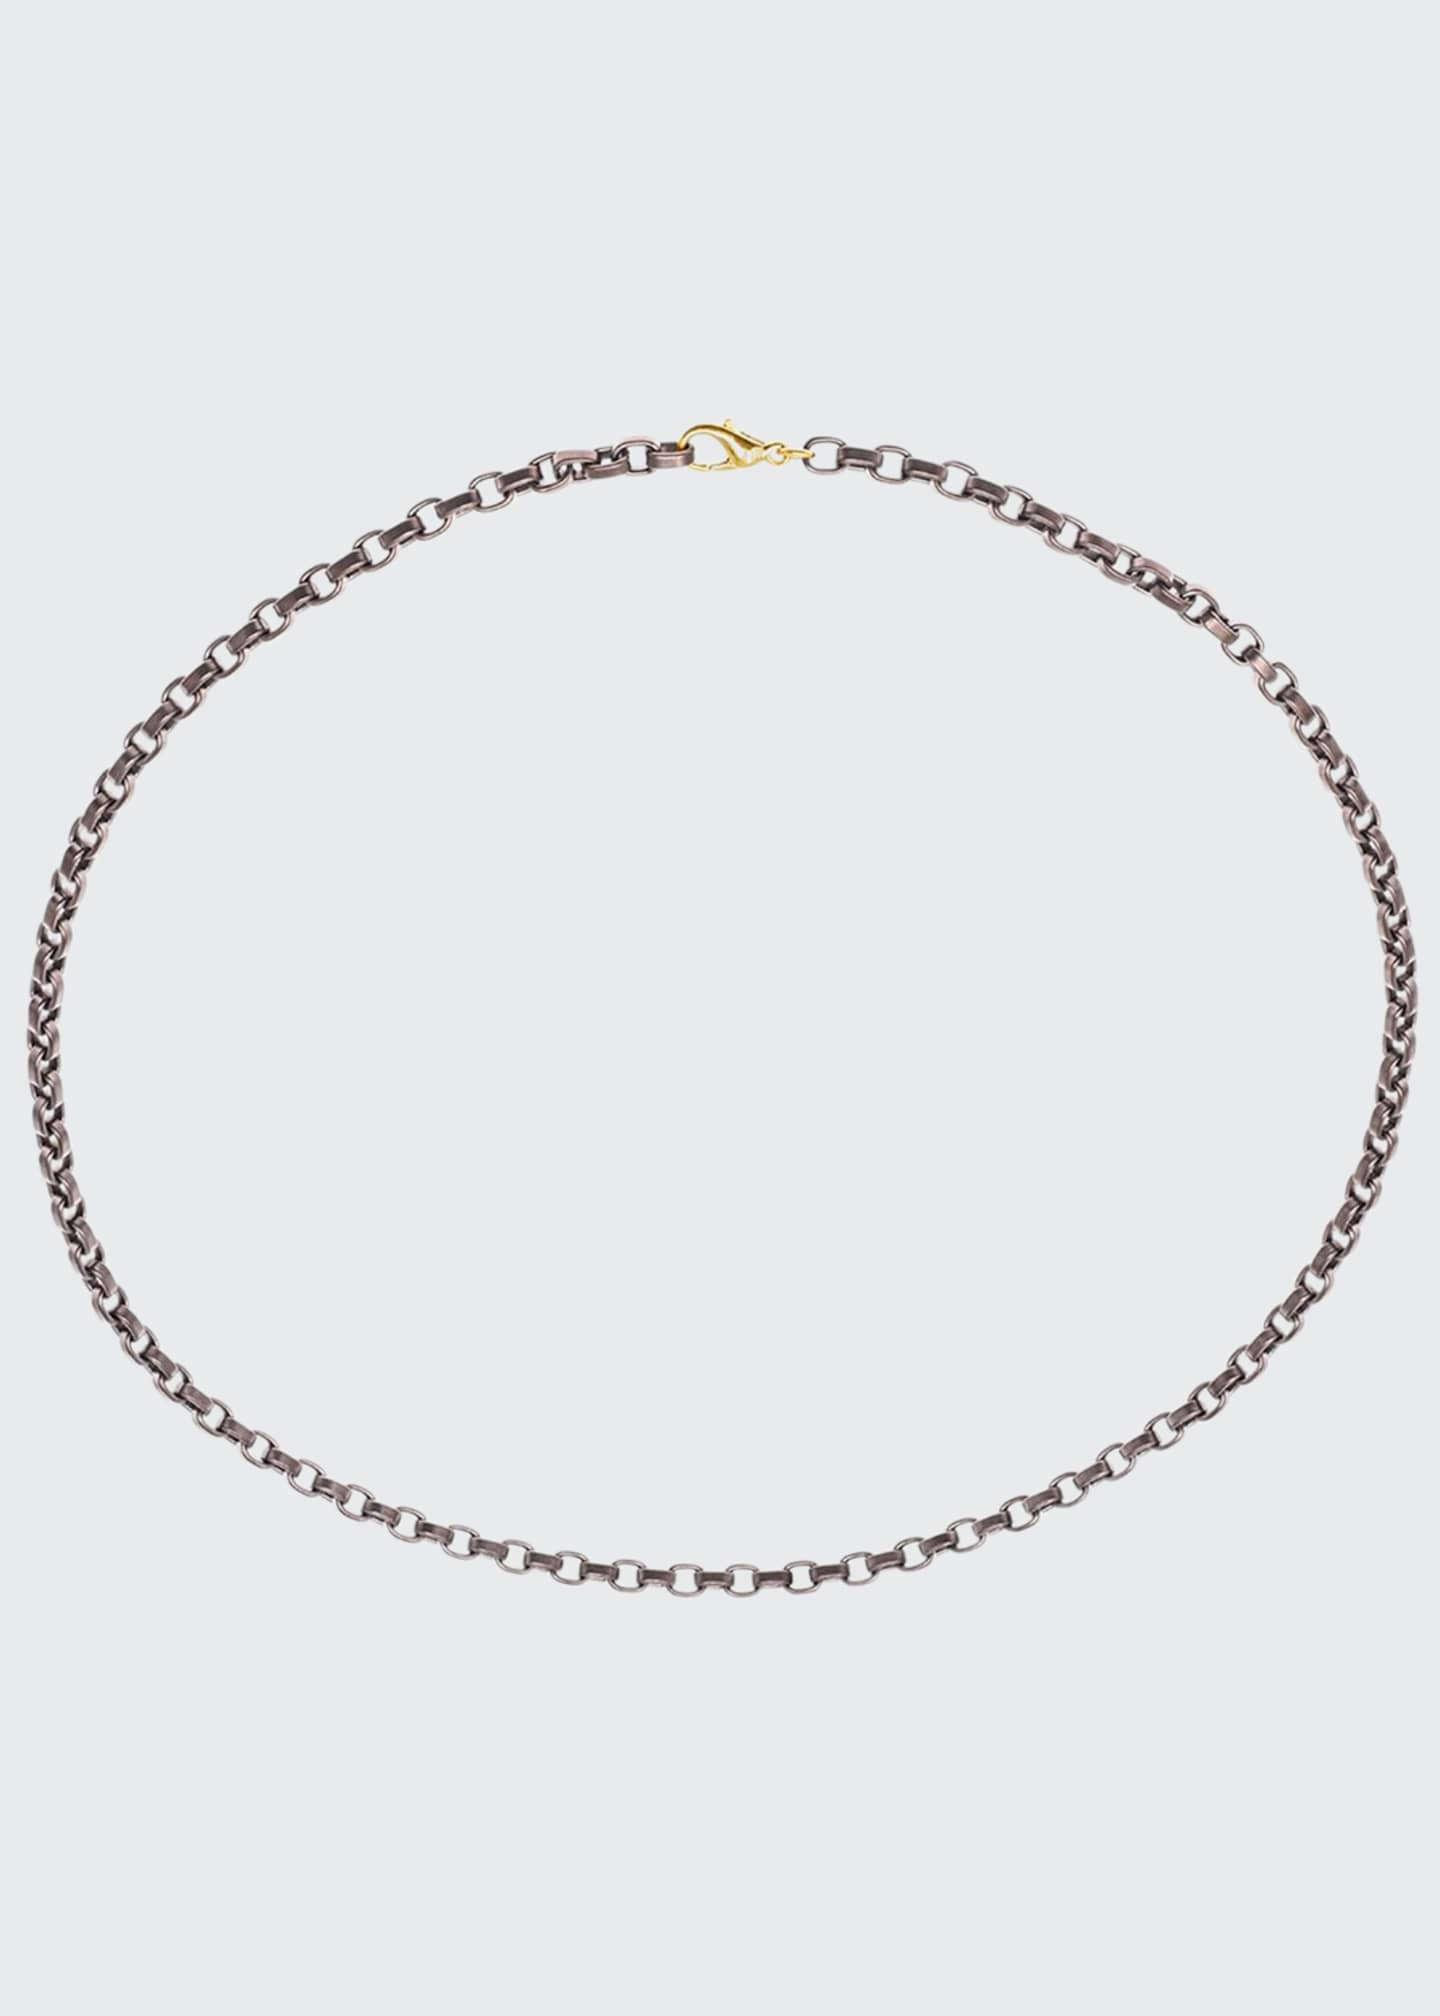 Jorge Adeler Men's Stainless Steel Chain w/ 18k